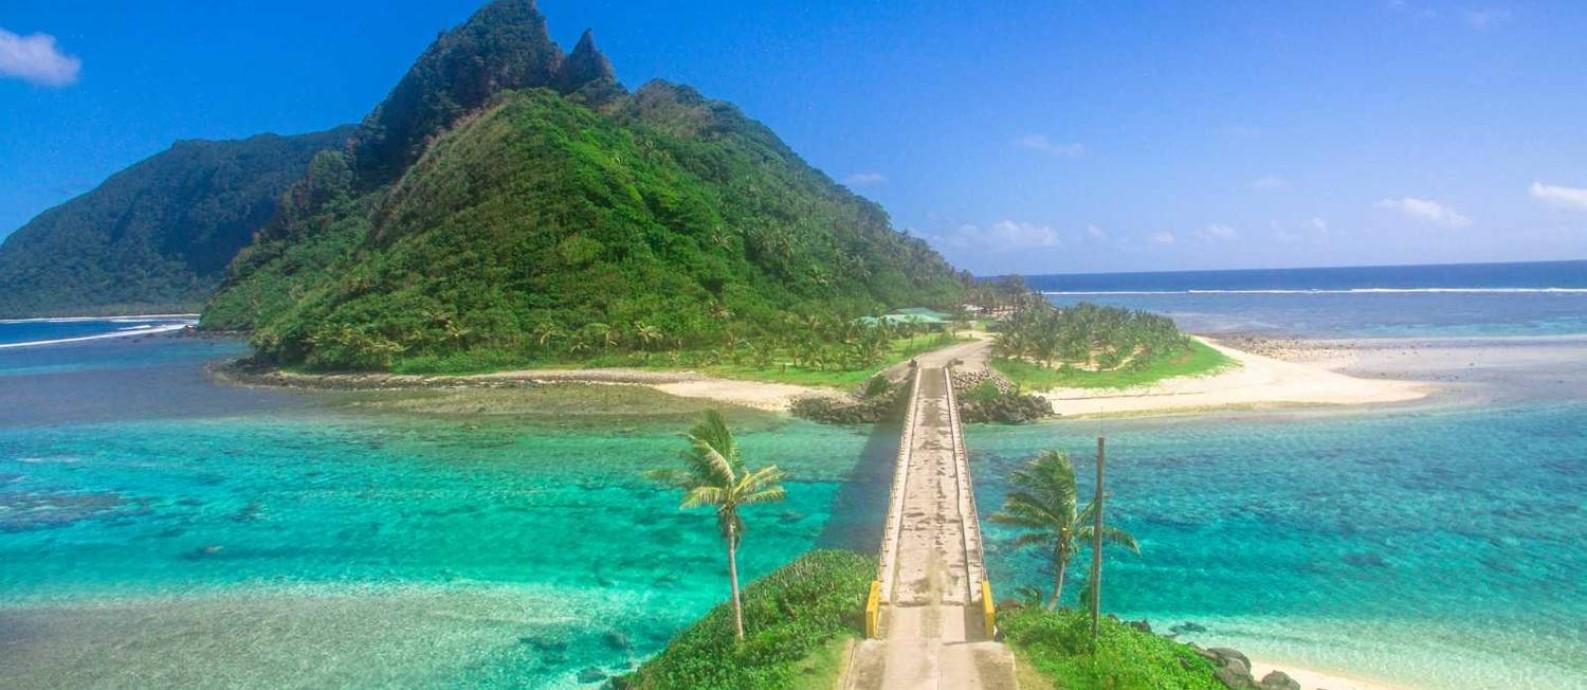 Ponte Asage, conhecida como 'Golden Gate do Pacífico', conecta Ofu a Olosega, duas das ilhas que compõem o arquipélago de Samoa Americana Foto: Reprodução internet